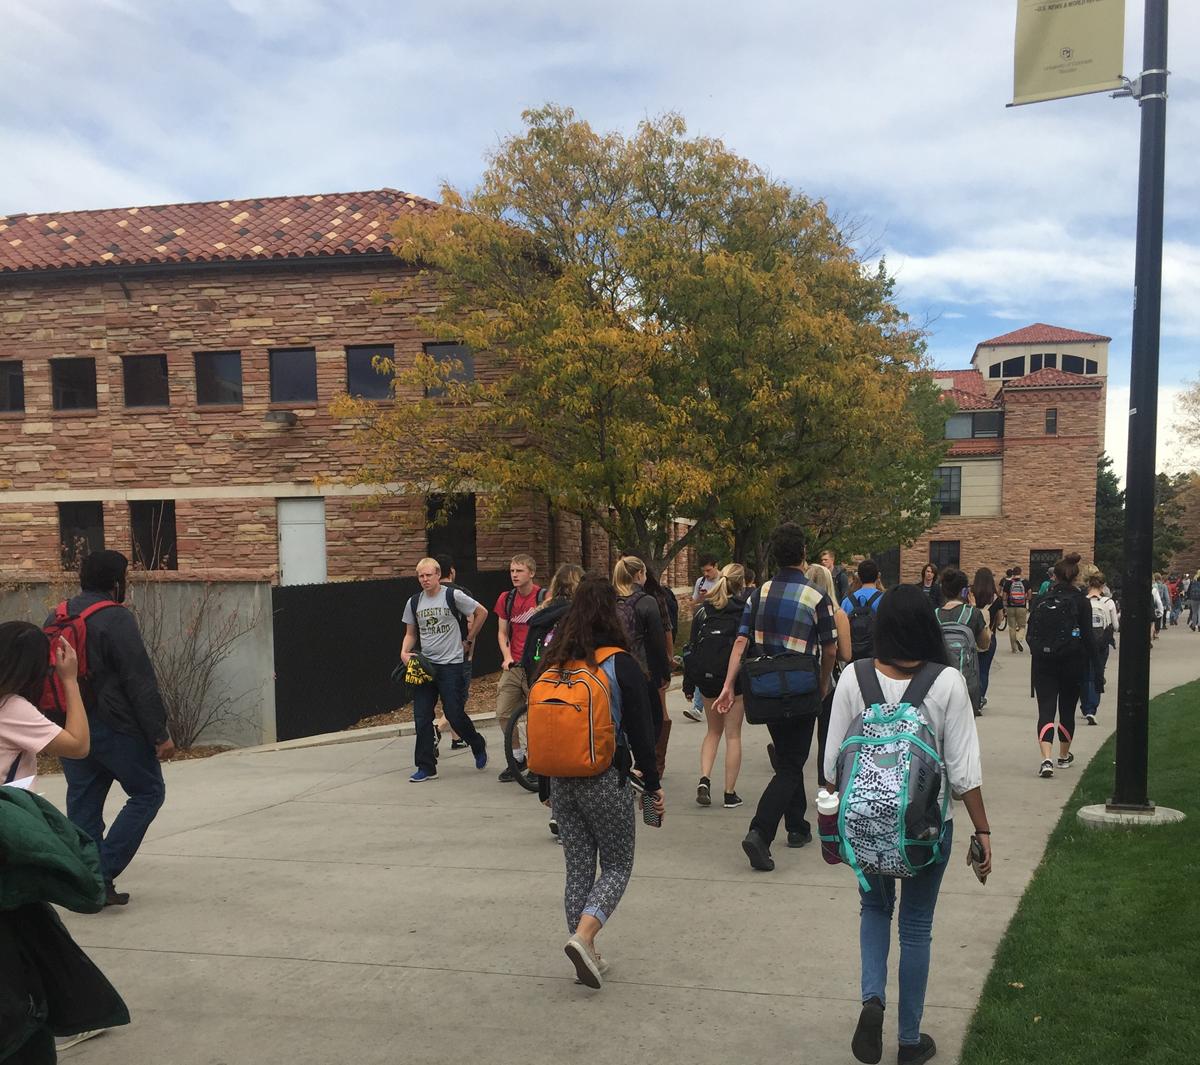 CU-Boulder campus